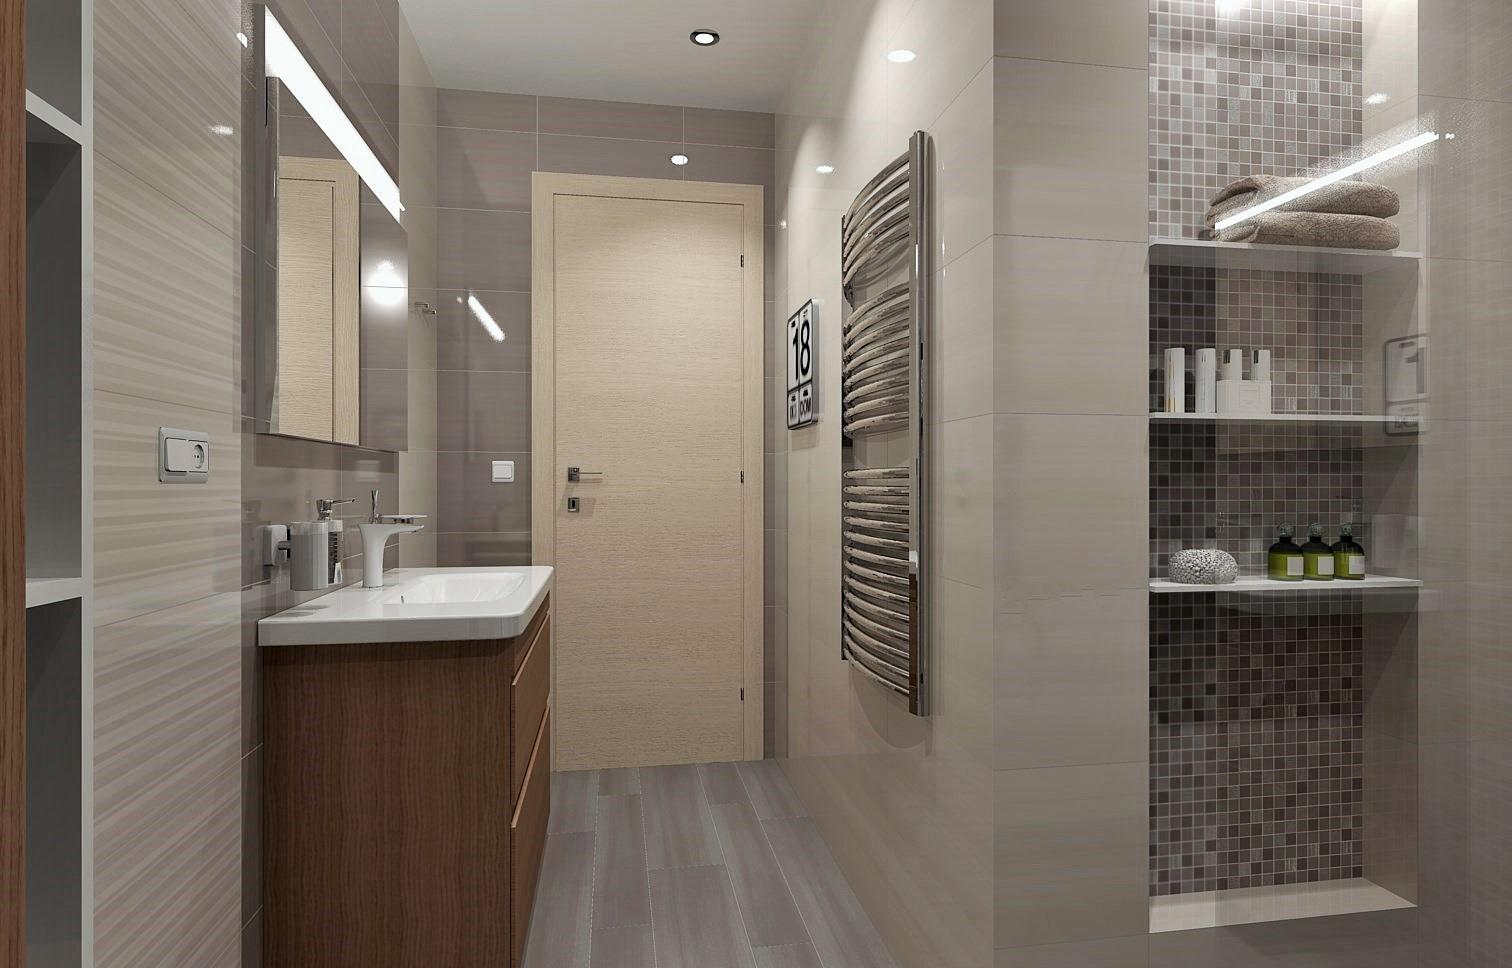 Pohľad do vašej budúcej kúpeľne - Obrázok č. 1